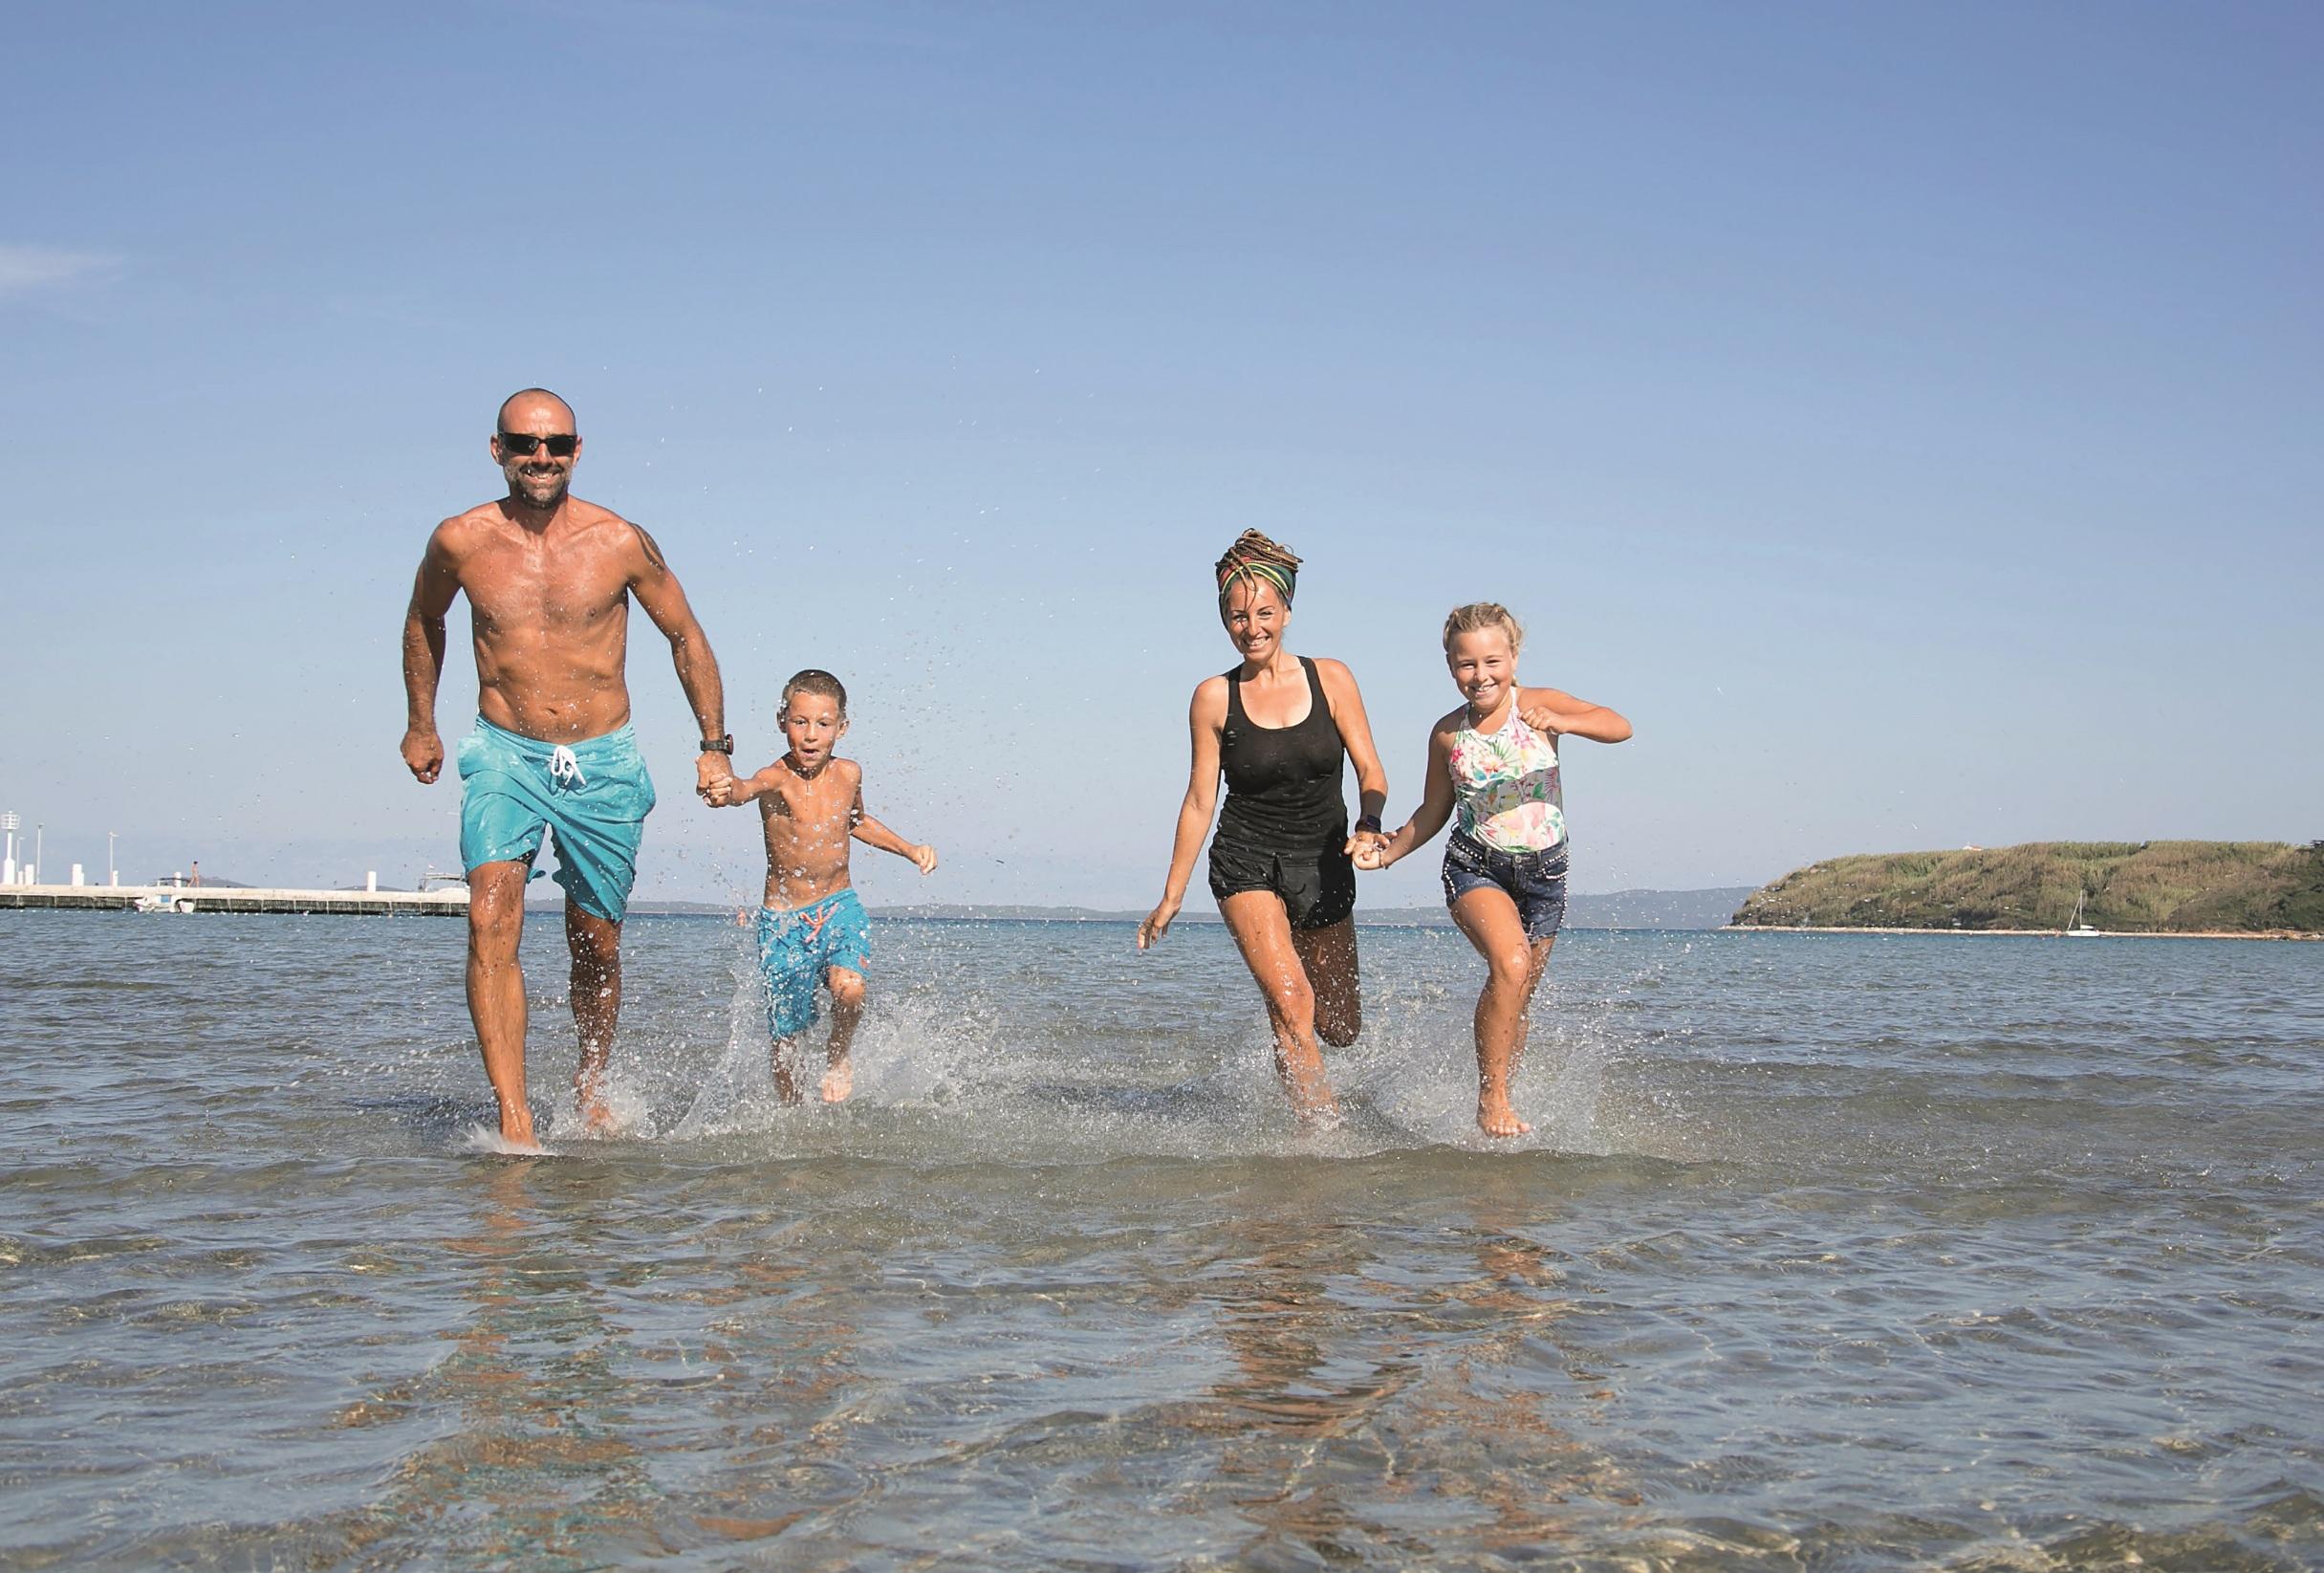 zivot na susku, Tijana i davor perovic, djeca Josip i Paola, otok Susak, 080920 foto ines stipetic